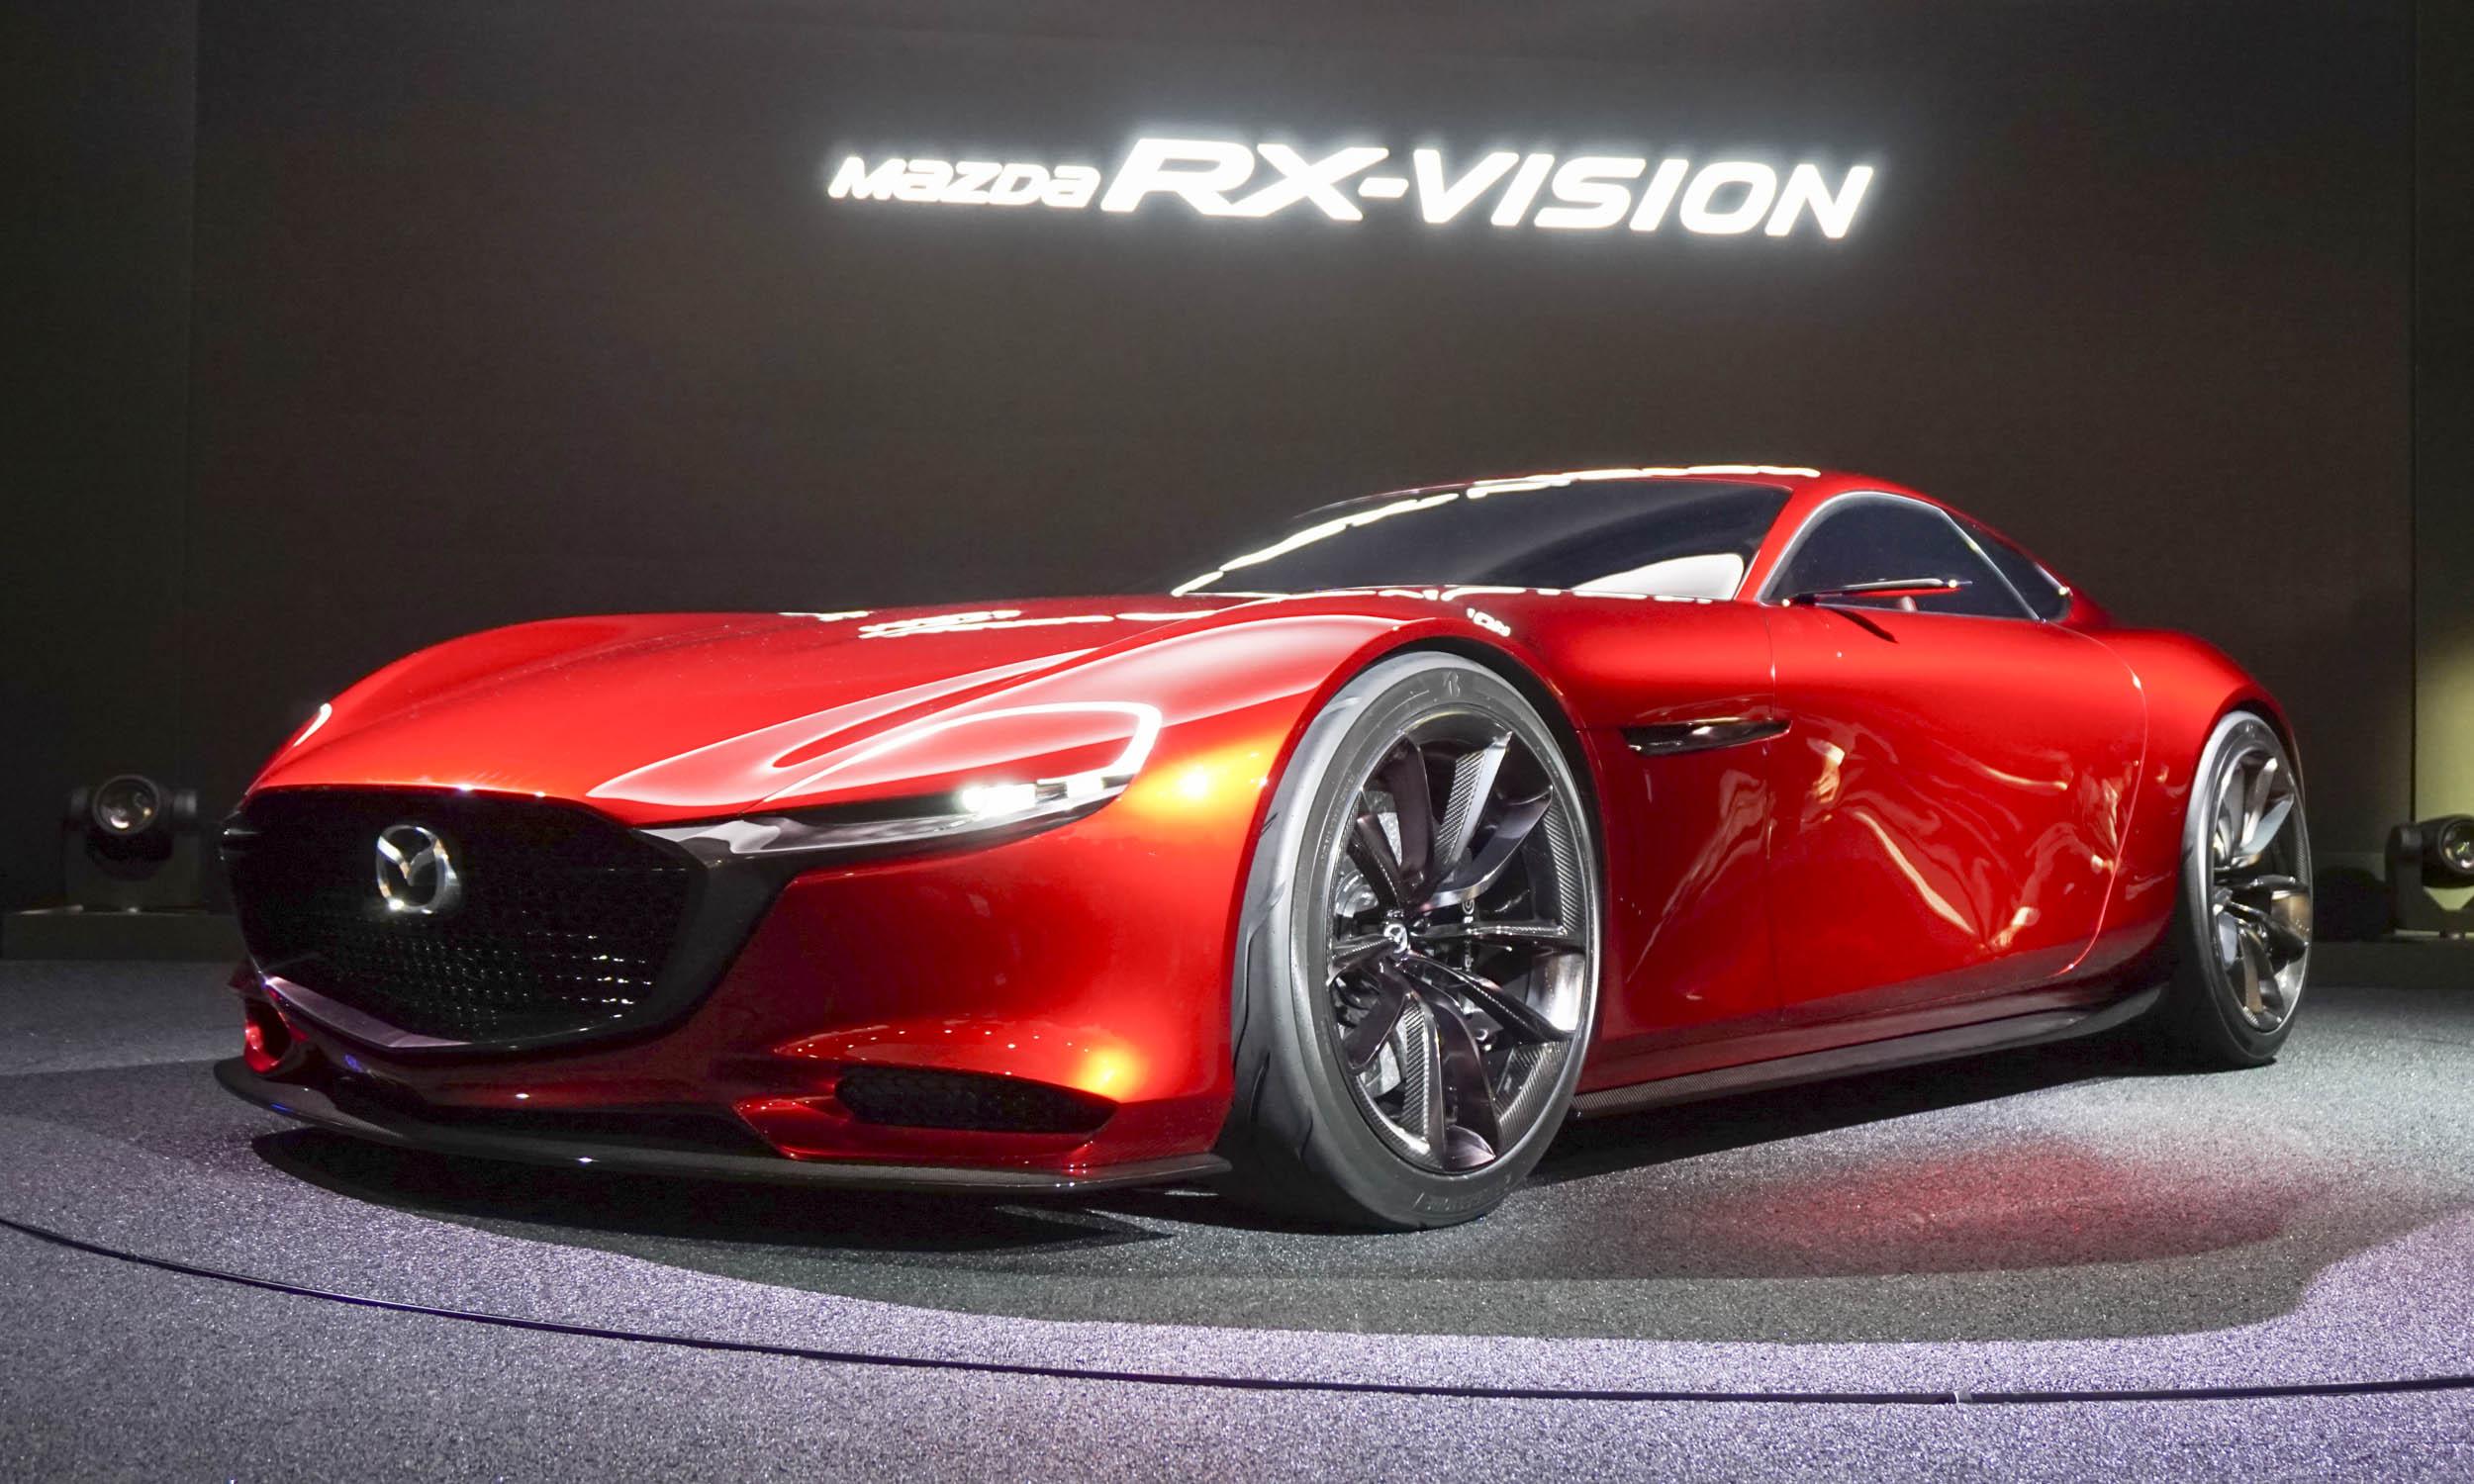 2015 Tokyo Motor Show  Mazda Rx-vision